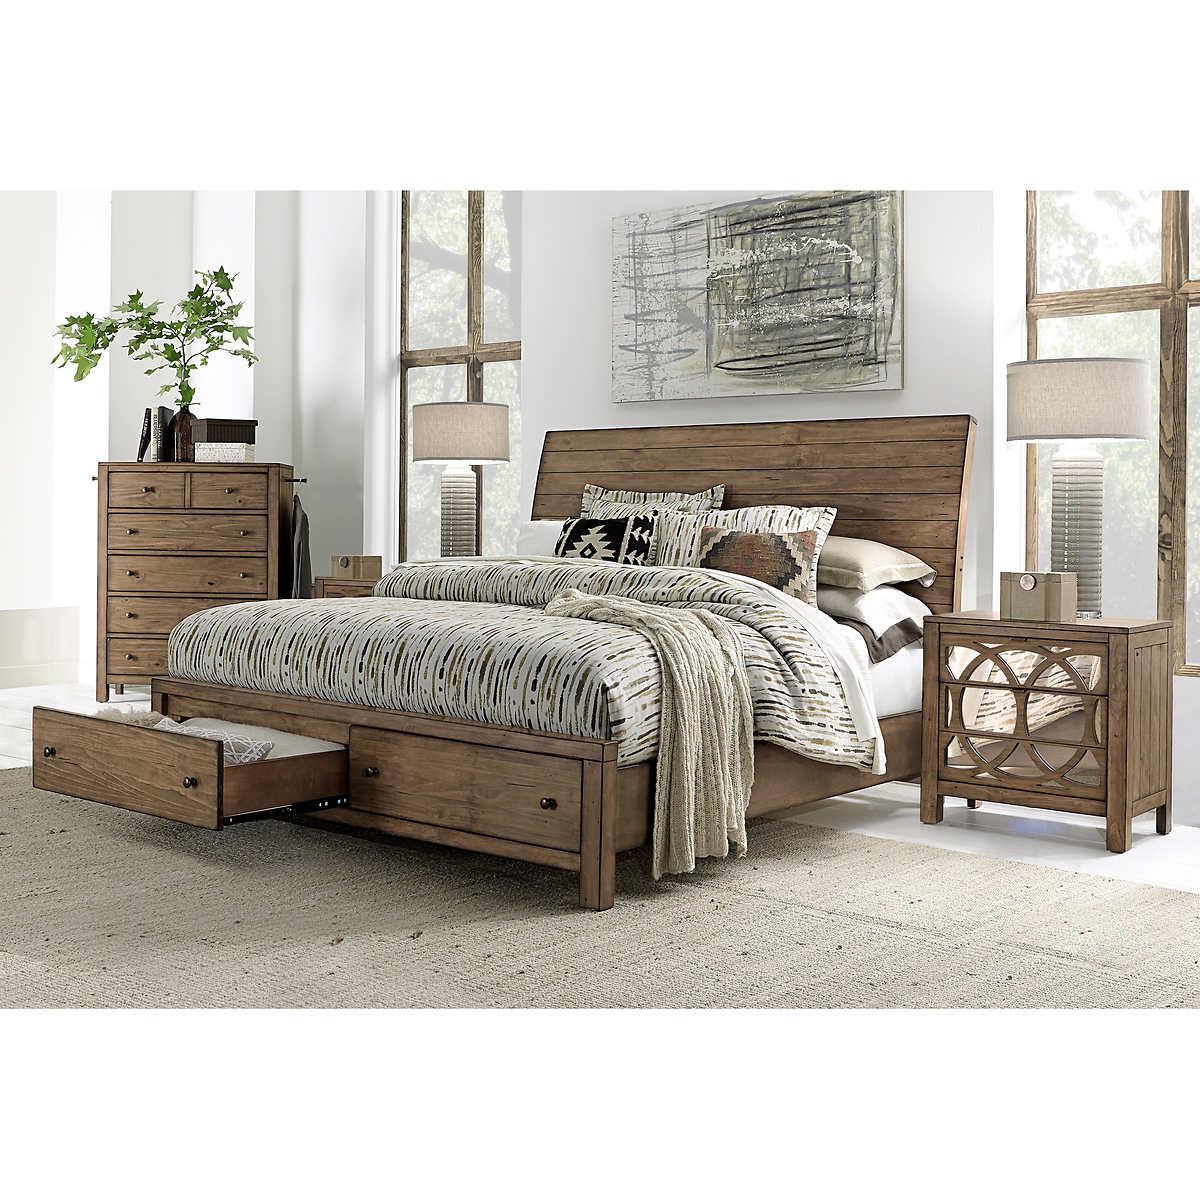 Audrey 4 Piece Queen Storage Bedroom Set